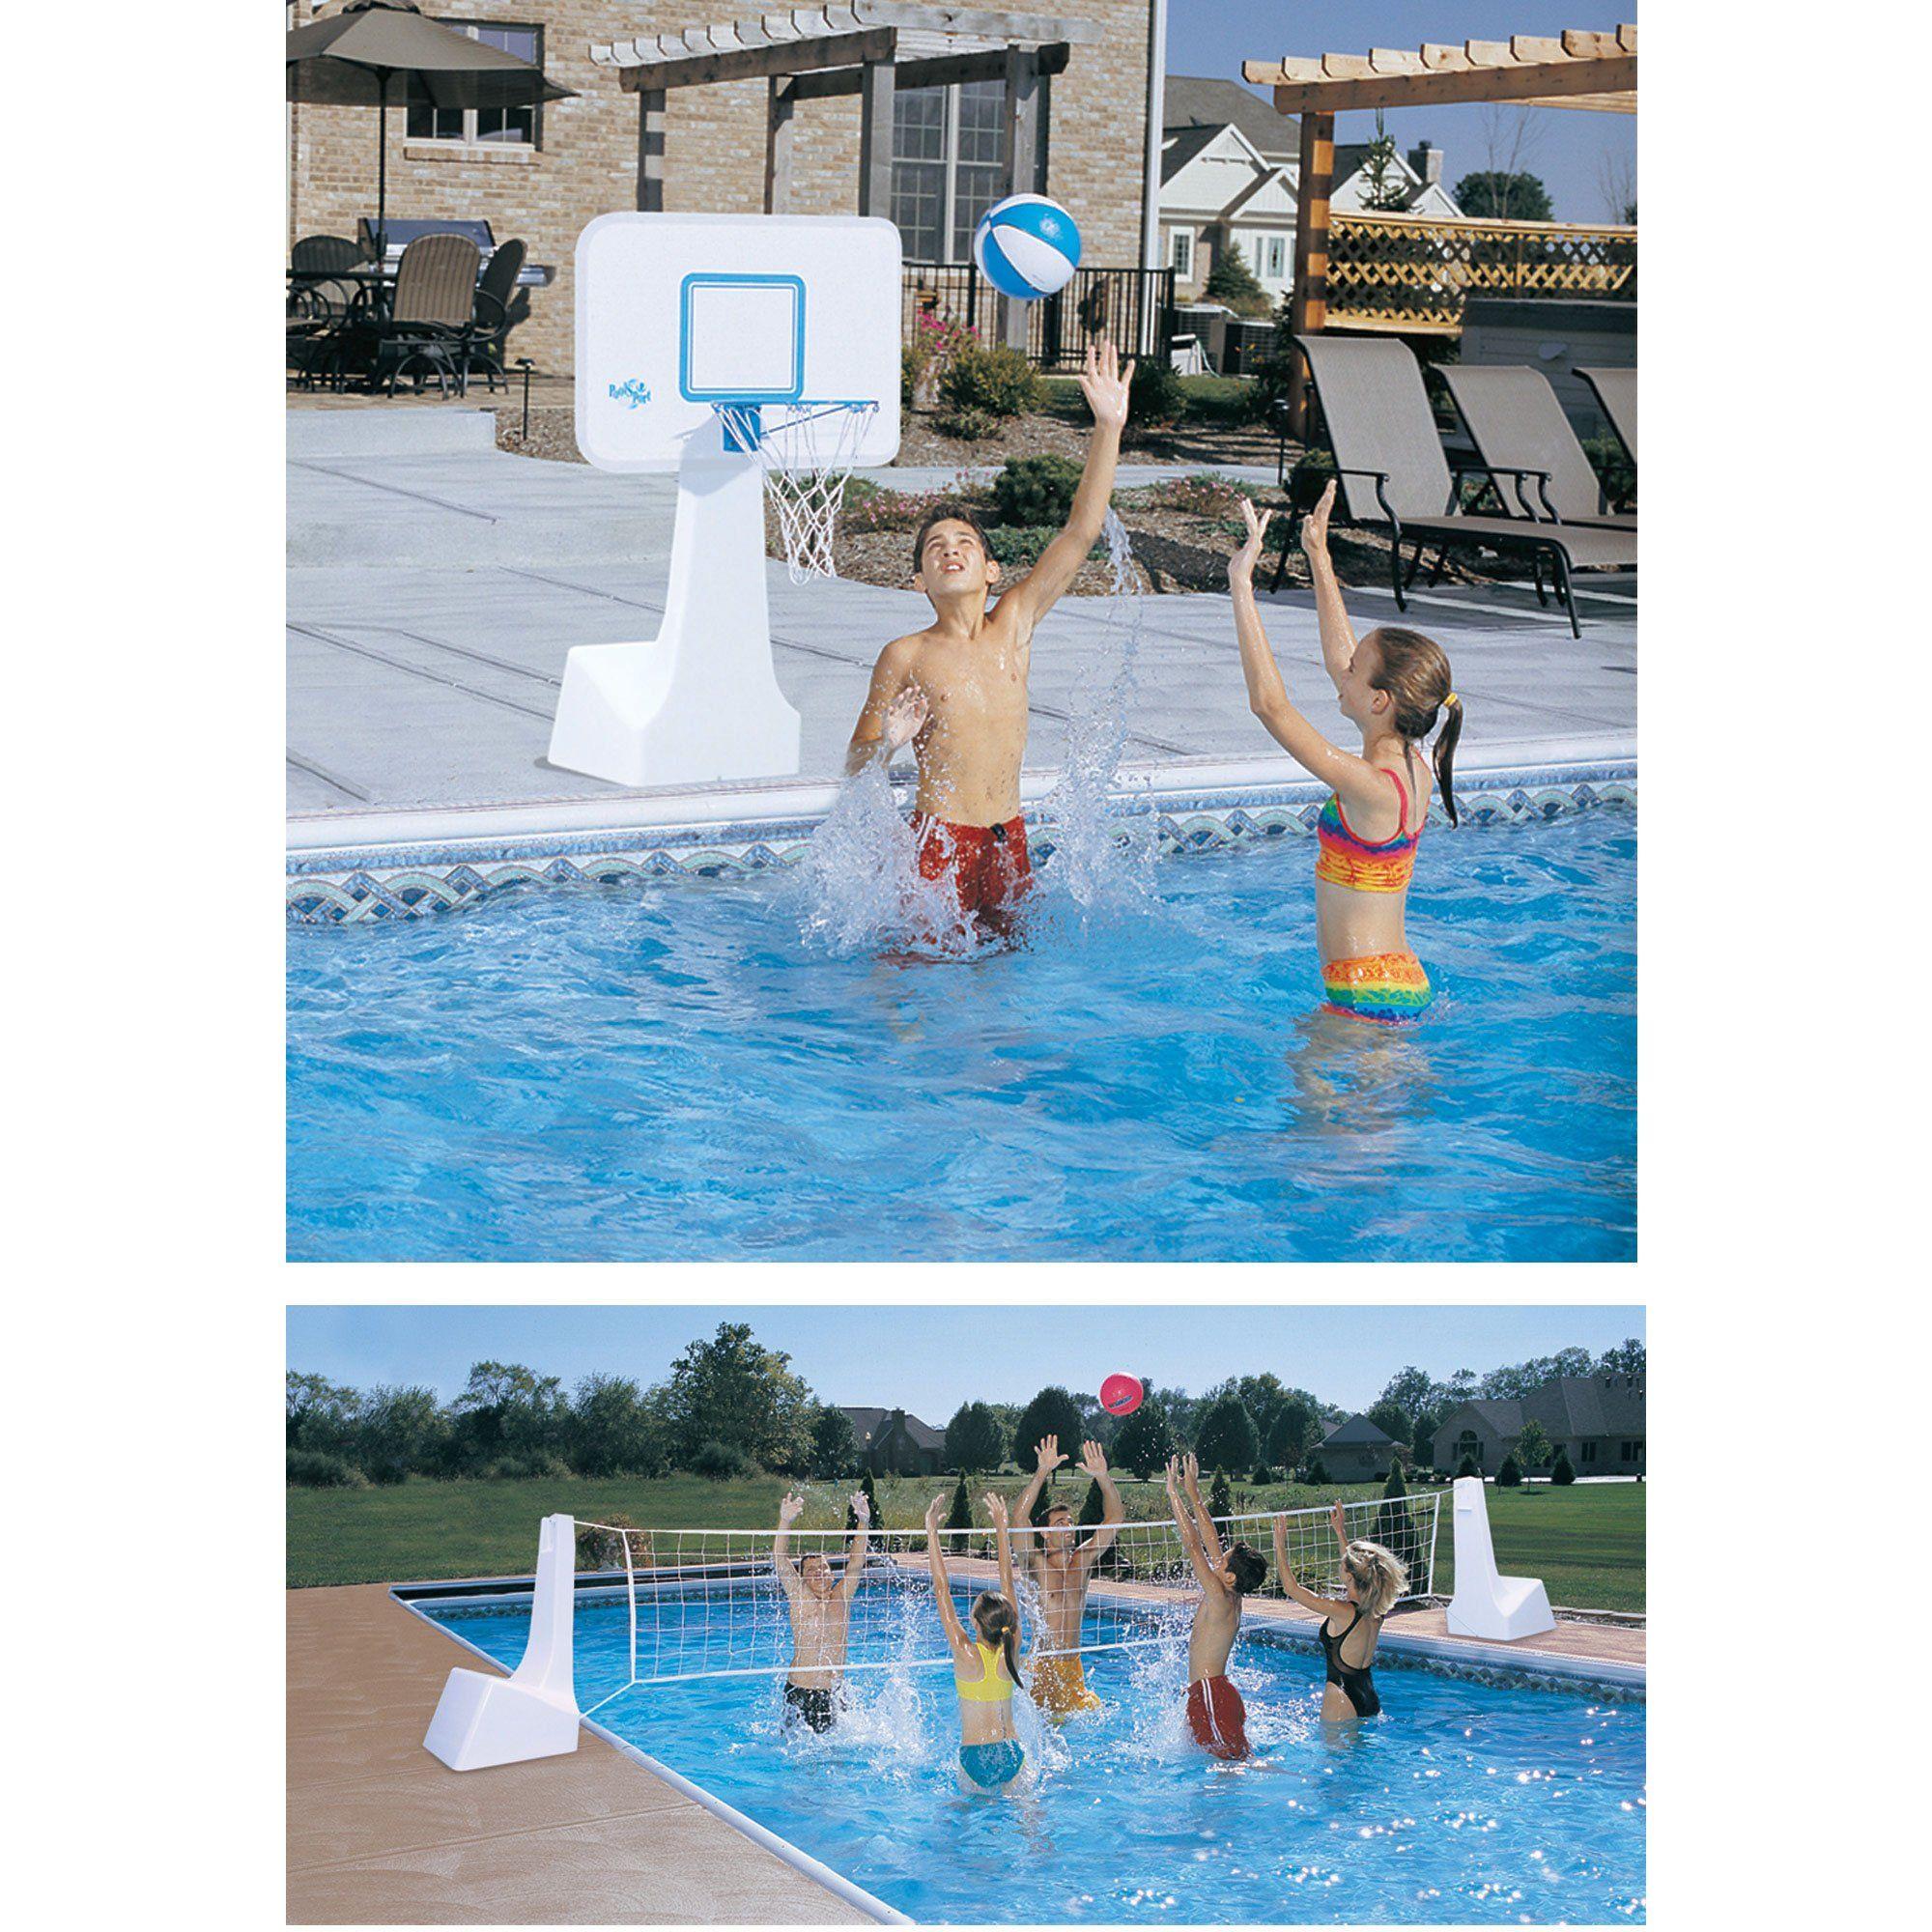 Dunn Rite Poolsport Portable Pool Basketball Volleyball Set Volleyball Set Pool Basketball Pool